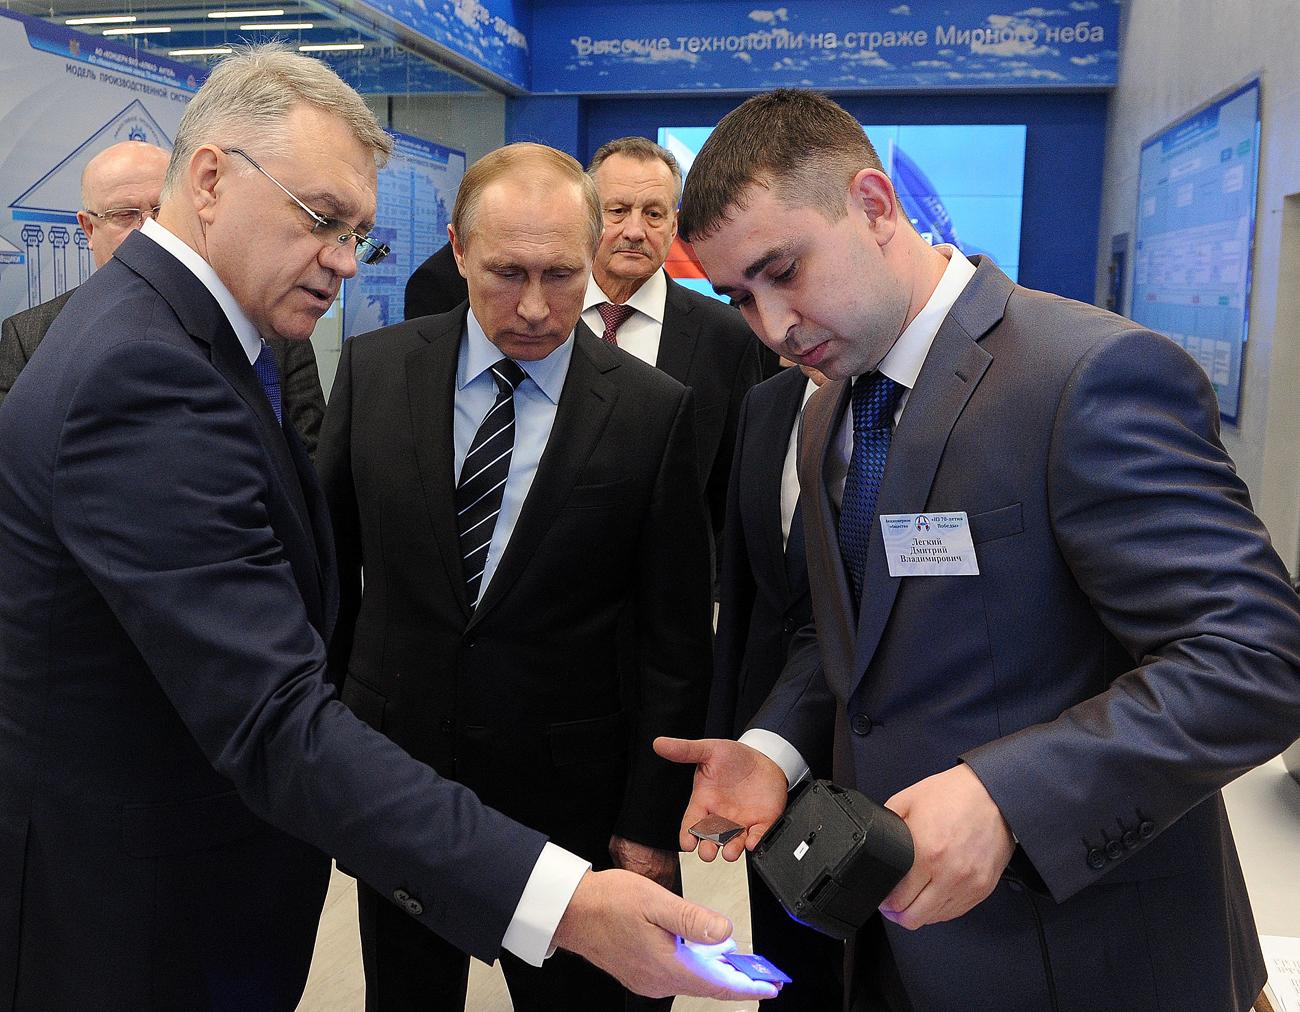 Михаил Климентјев / РИА Новости